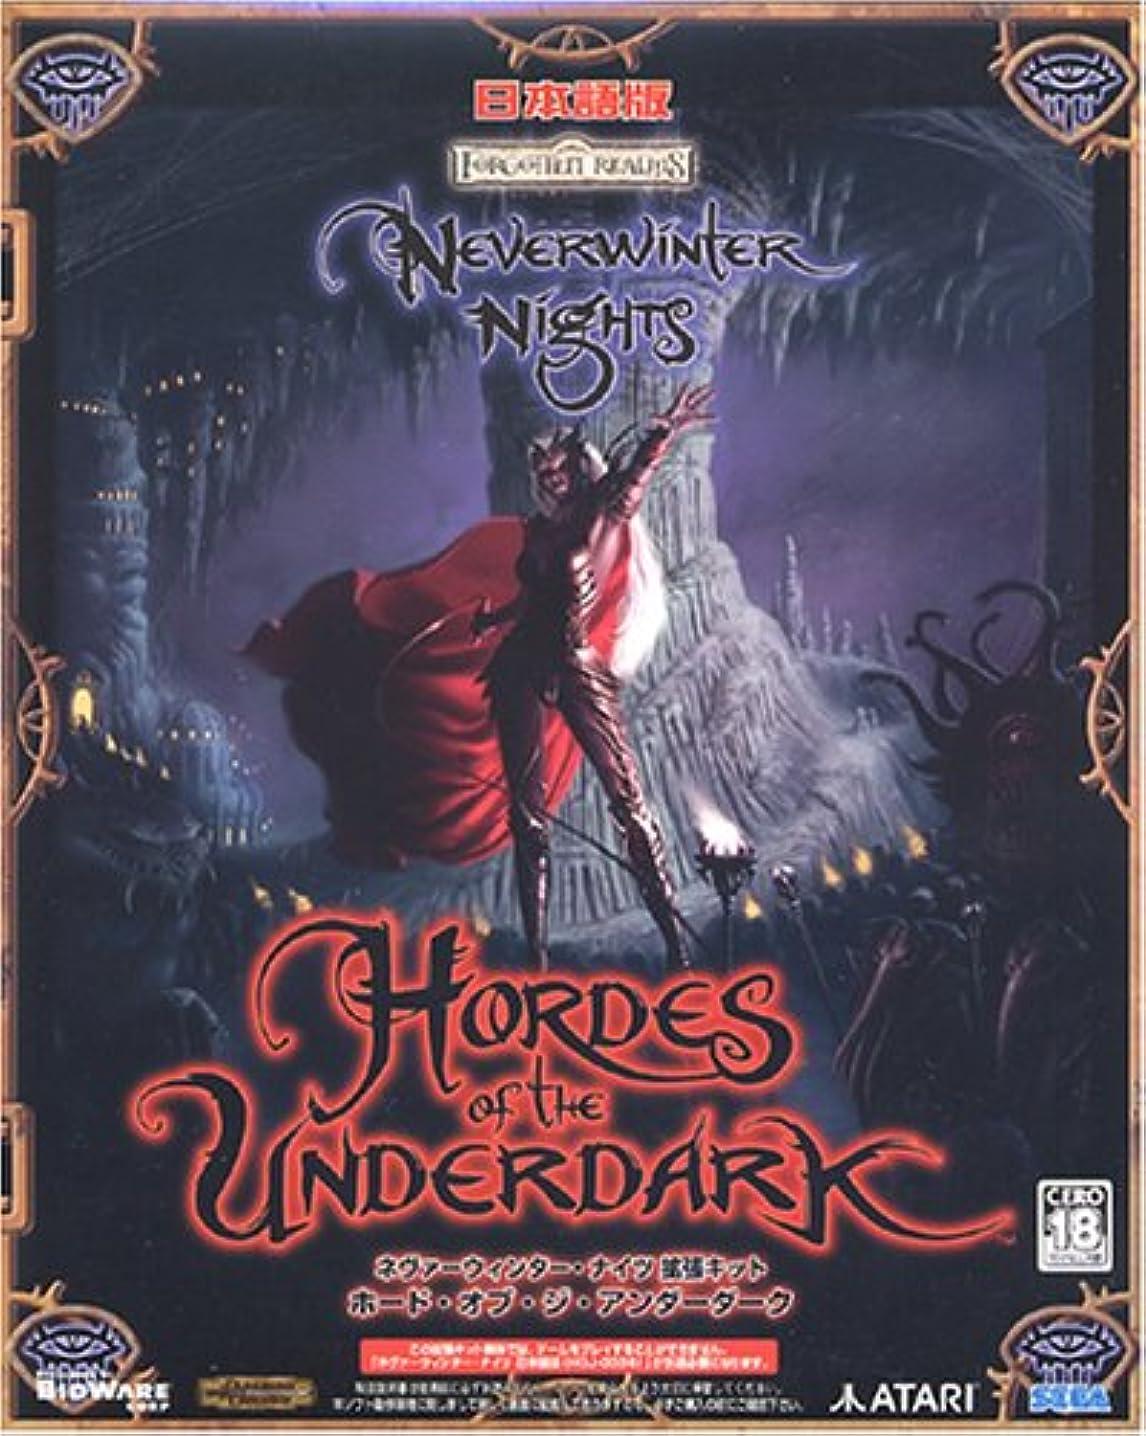 十二整然とした満足Neverwinter Nights 日本語版拡張キット Hordes of The Underdark